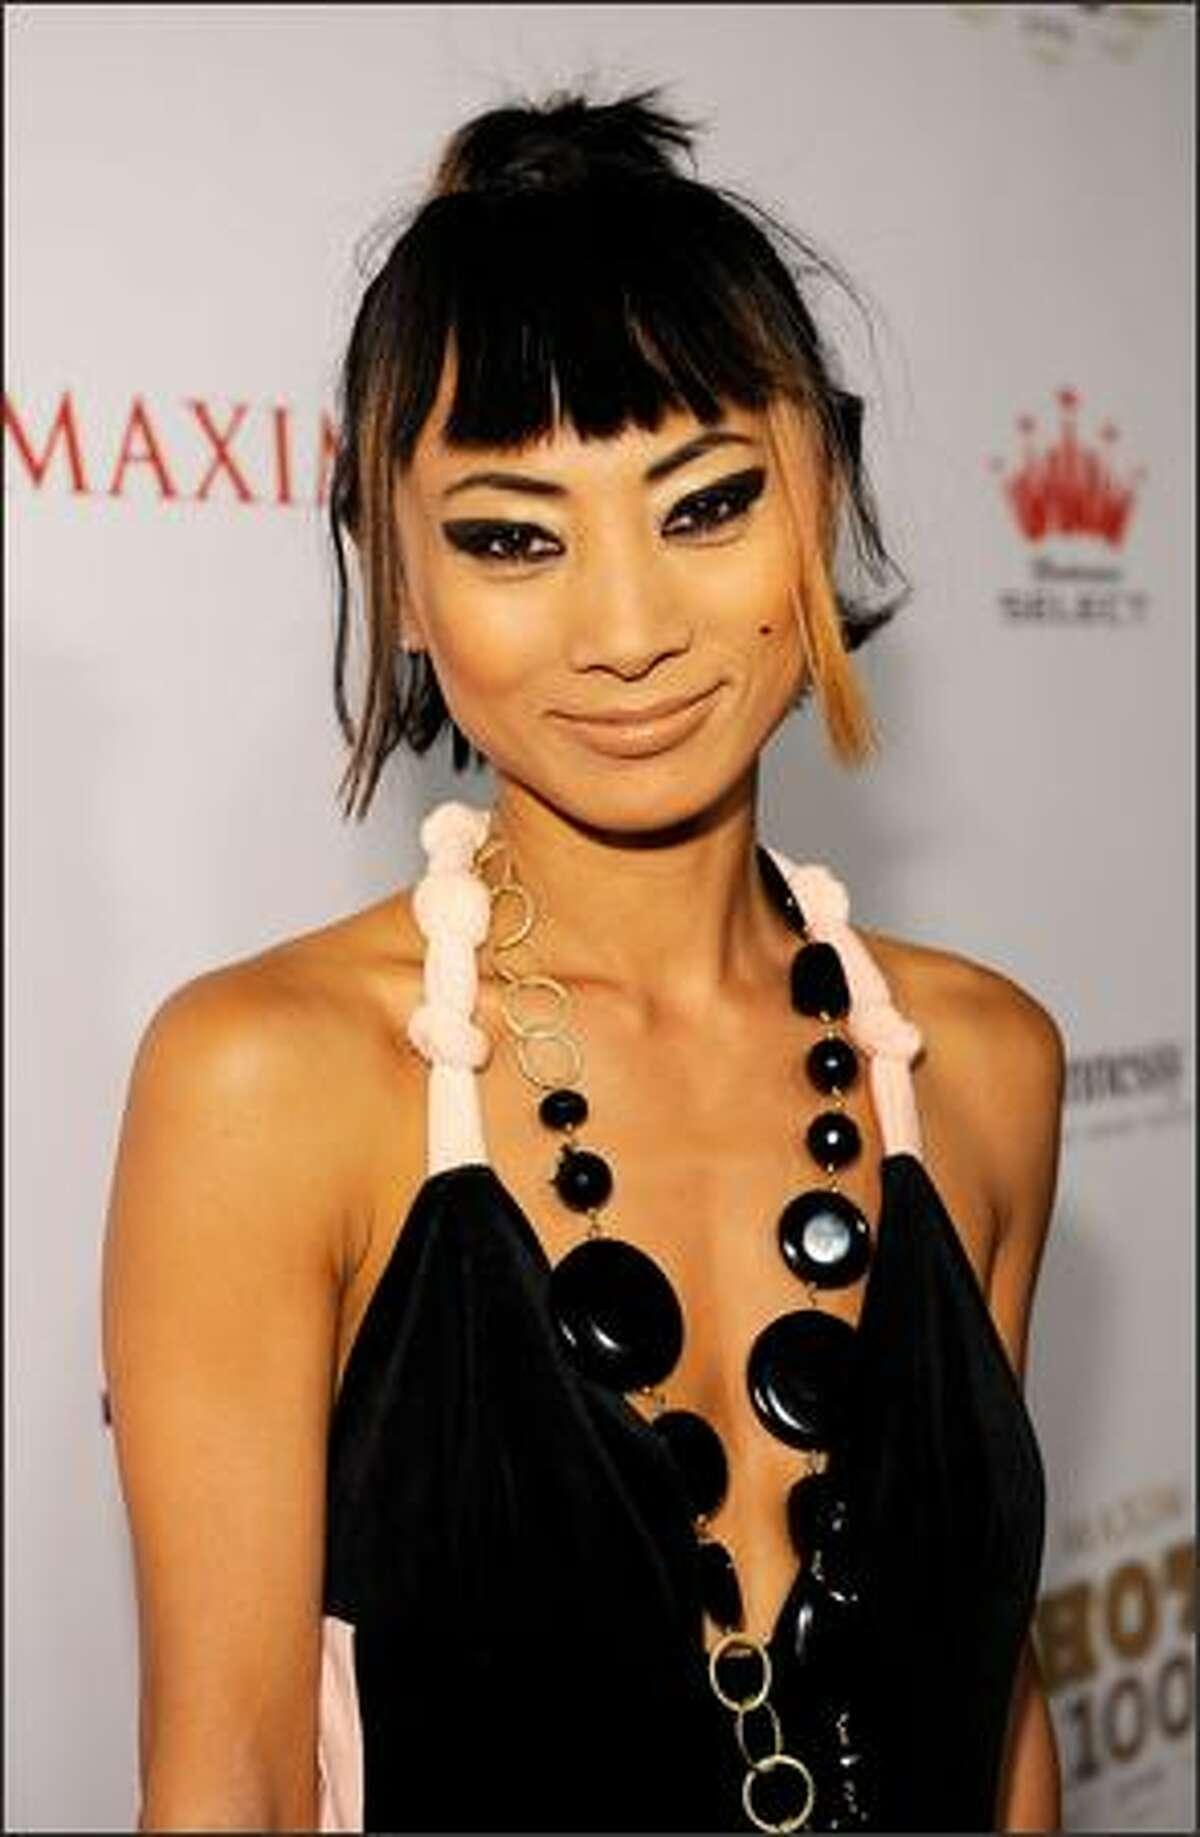 Actress Bai Ling arrives at Maxim's 2008 Hot 100 Party held at Paramount Studios in Los Angeles, California.